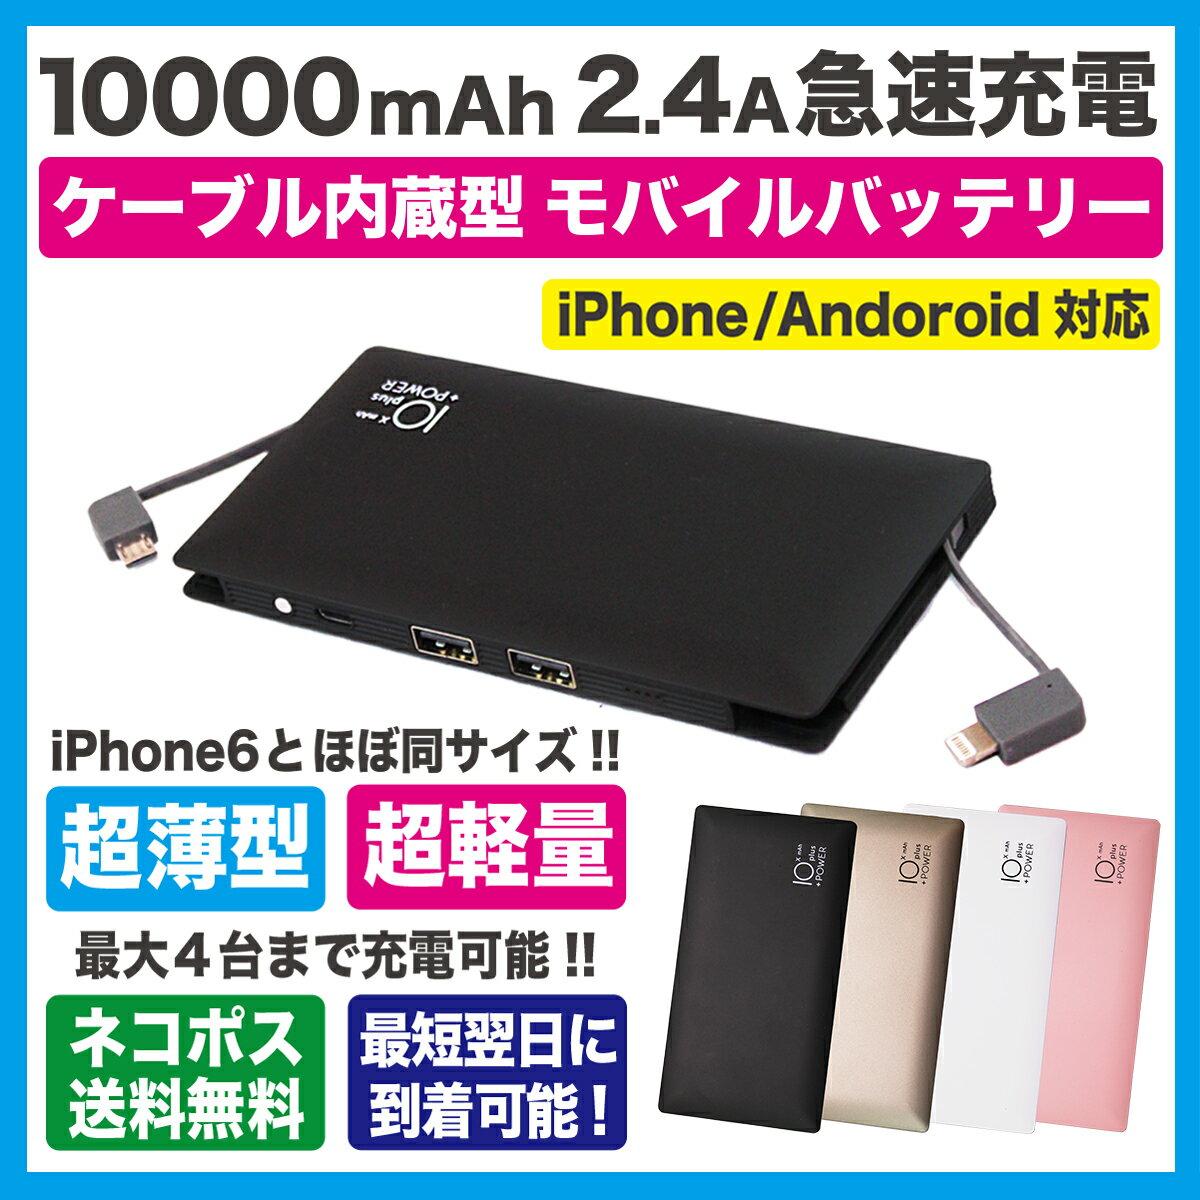 【送料無料】【NEWモデル 超薄型 超軽量ケーブル内蔵型 モバイルバッテリー】【10000mAh 大容量】【安心の3ヶ月保証】コード付き iPhone5S/iPhoneSE iPhone6/plus iPhone6s/plus iPhone7/plus Android 充電器